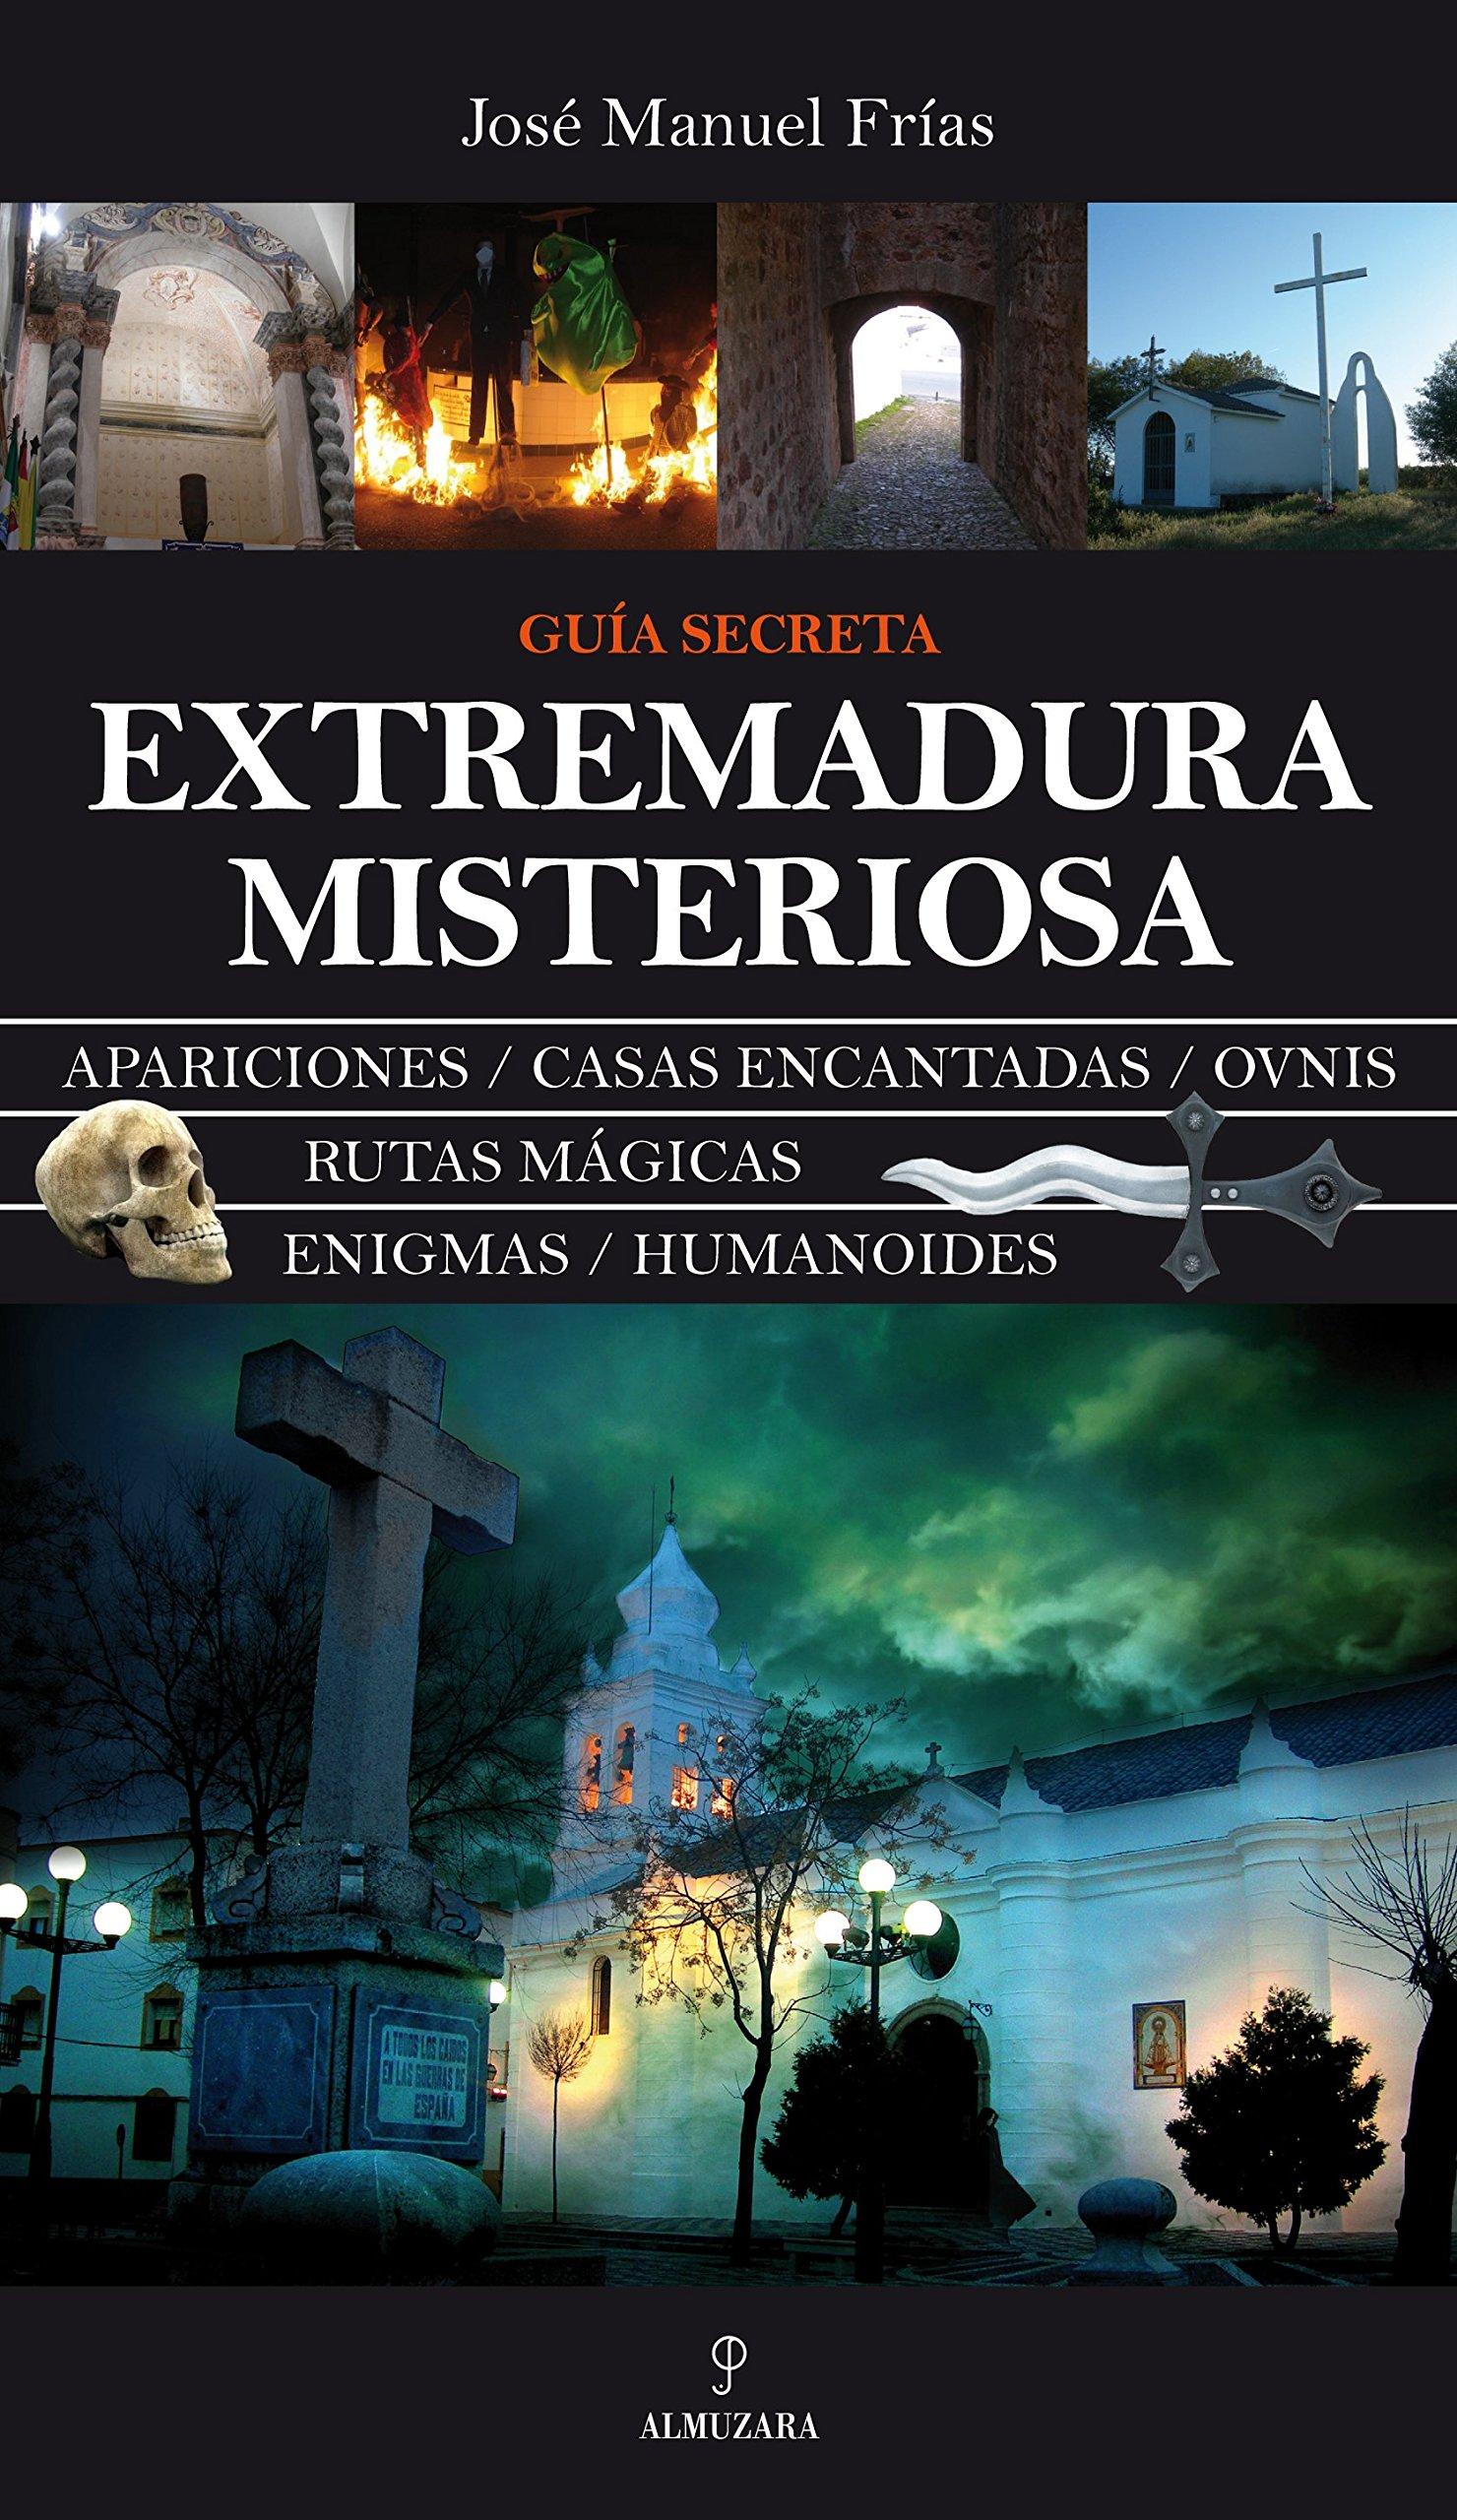 Extremadura misteriosa (Magica (almuzara)): Amazon.es: Frías Ciruela , José Manuel: Libros